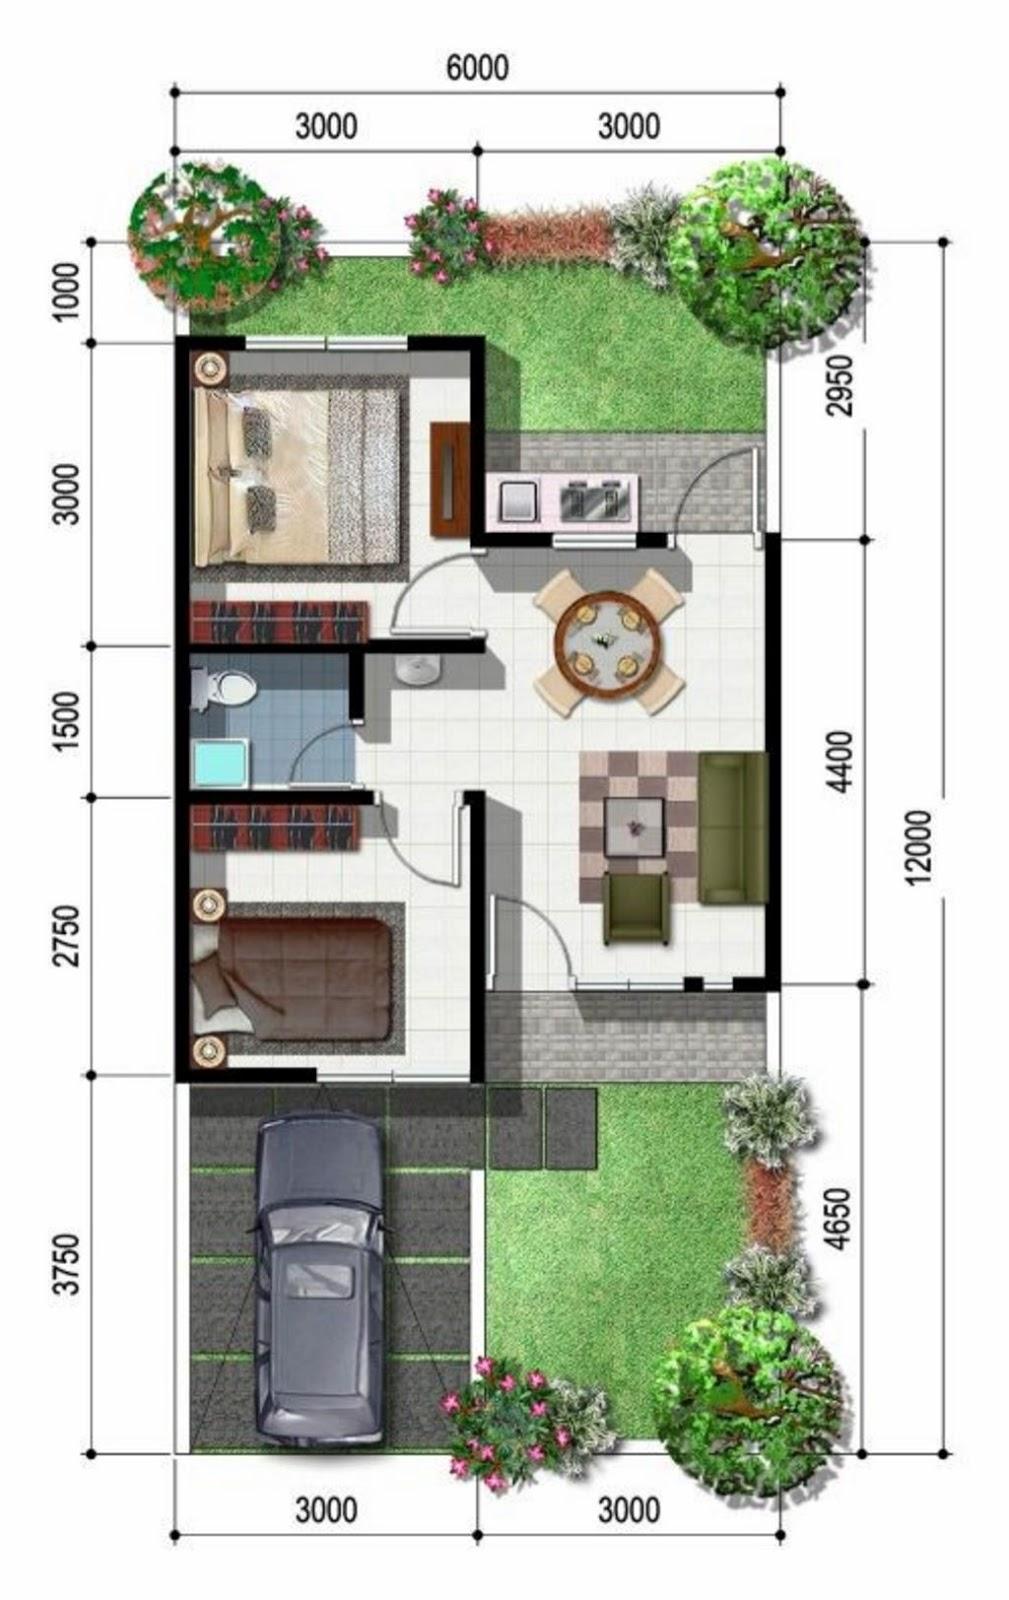 Desain Denah Rumah Minimalis Unik